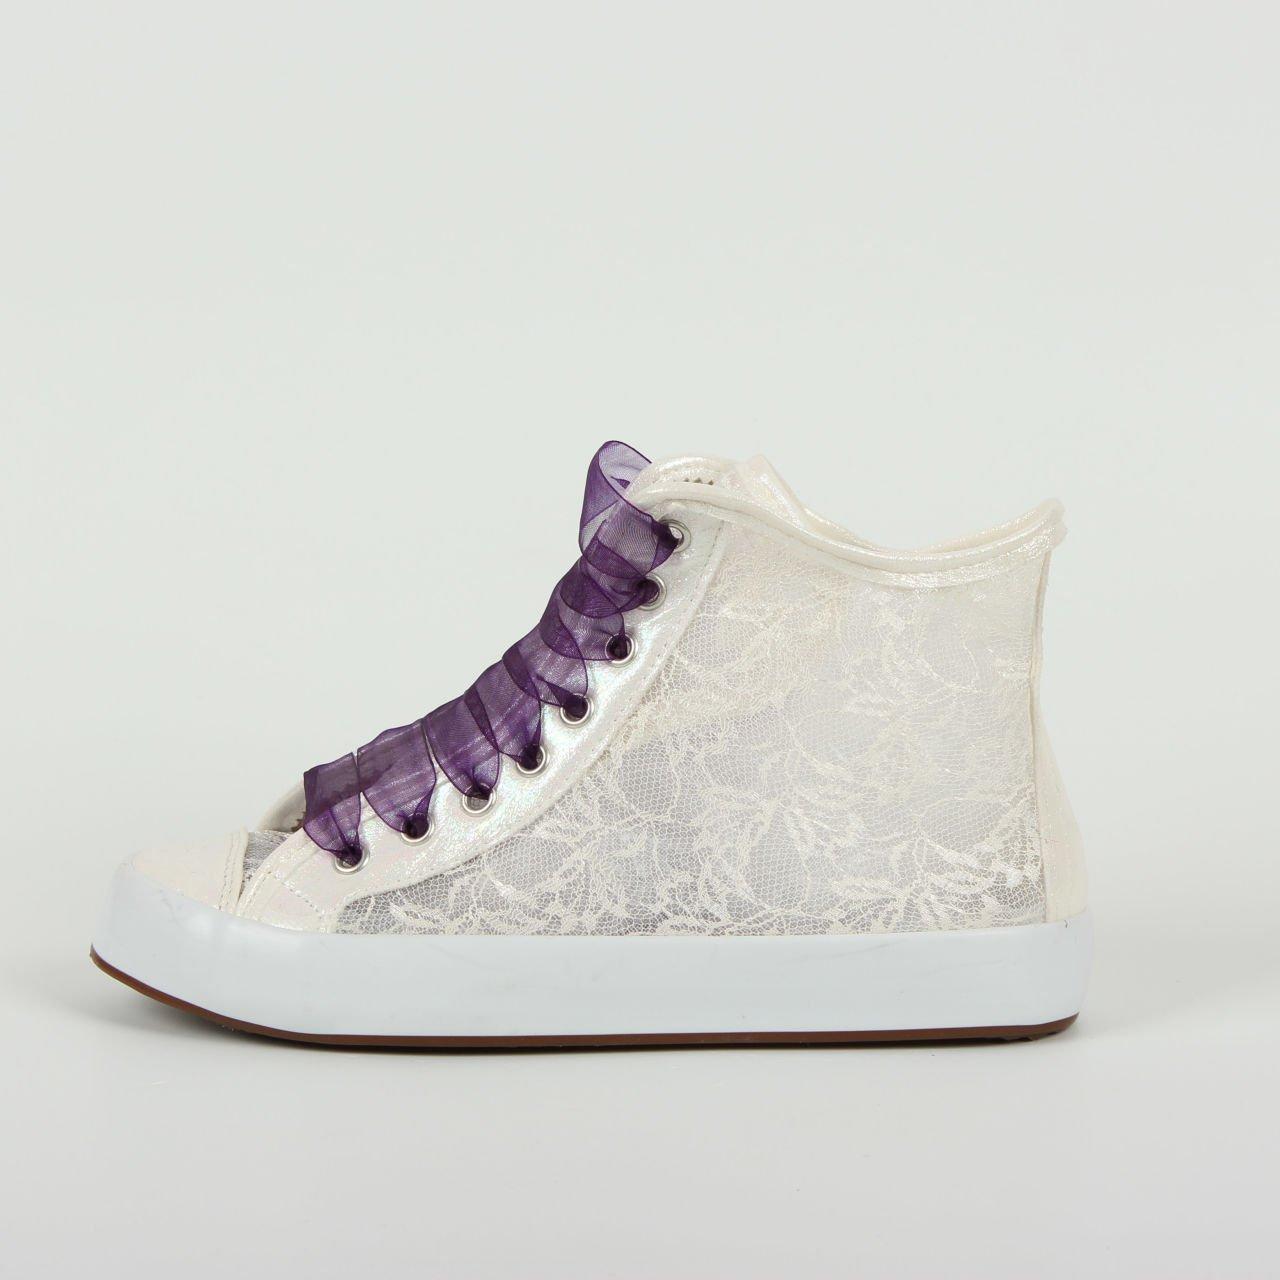 Spor Ayakkabıyı Dantel ile Süsleme